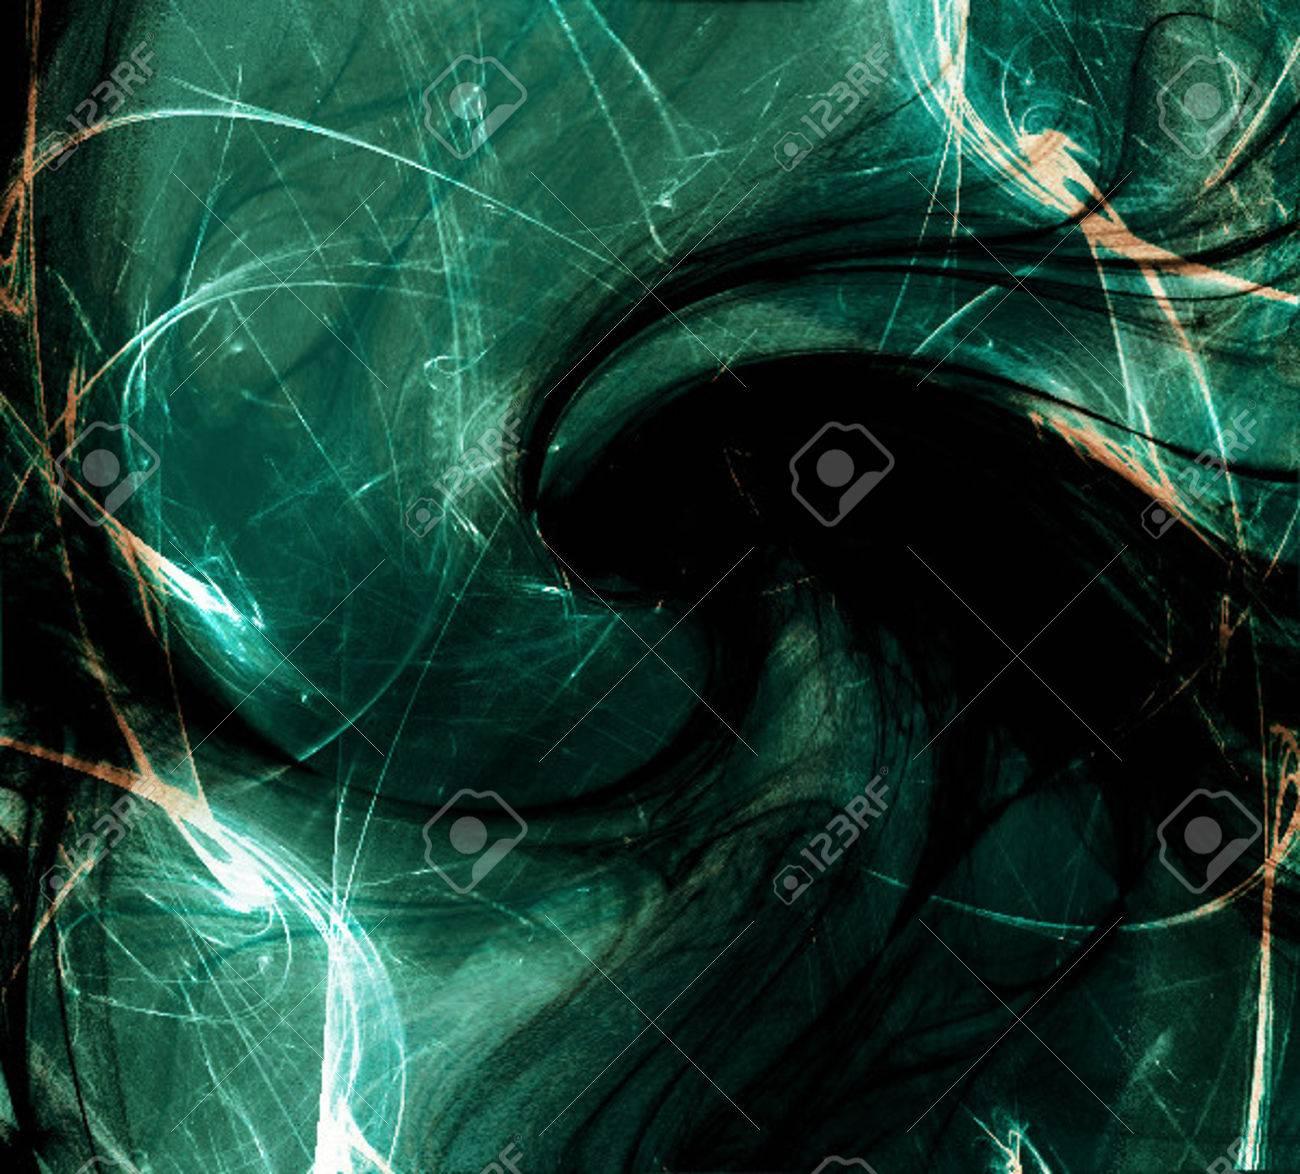 抽象的な闇を配置 影の背景 美しいバナー壁紙デザイン イラスト の